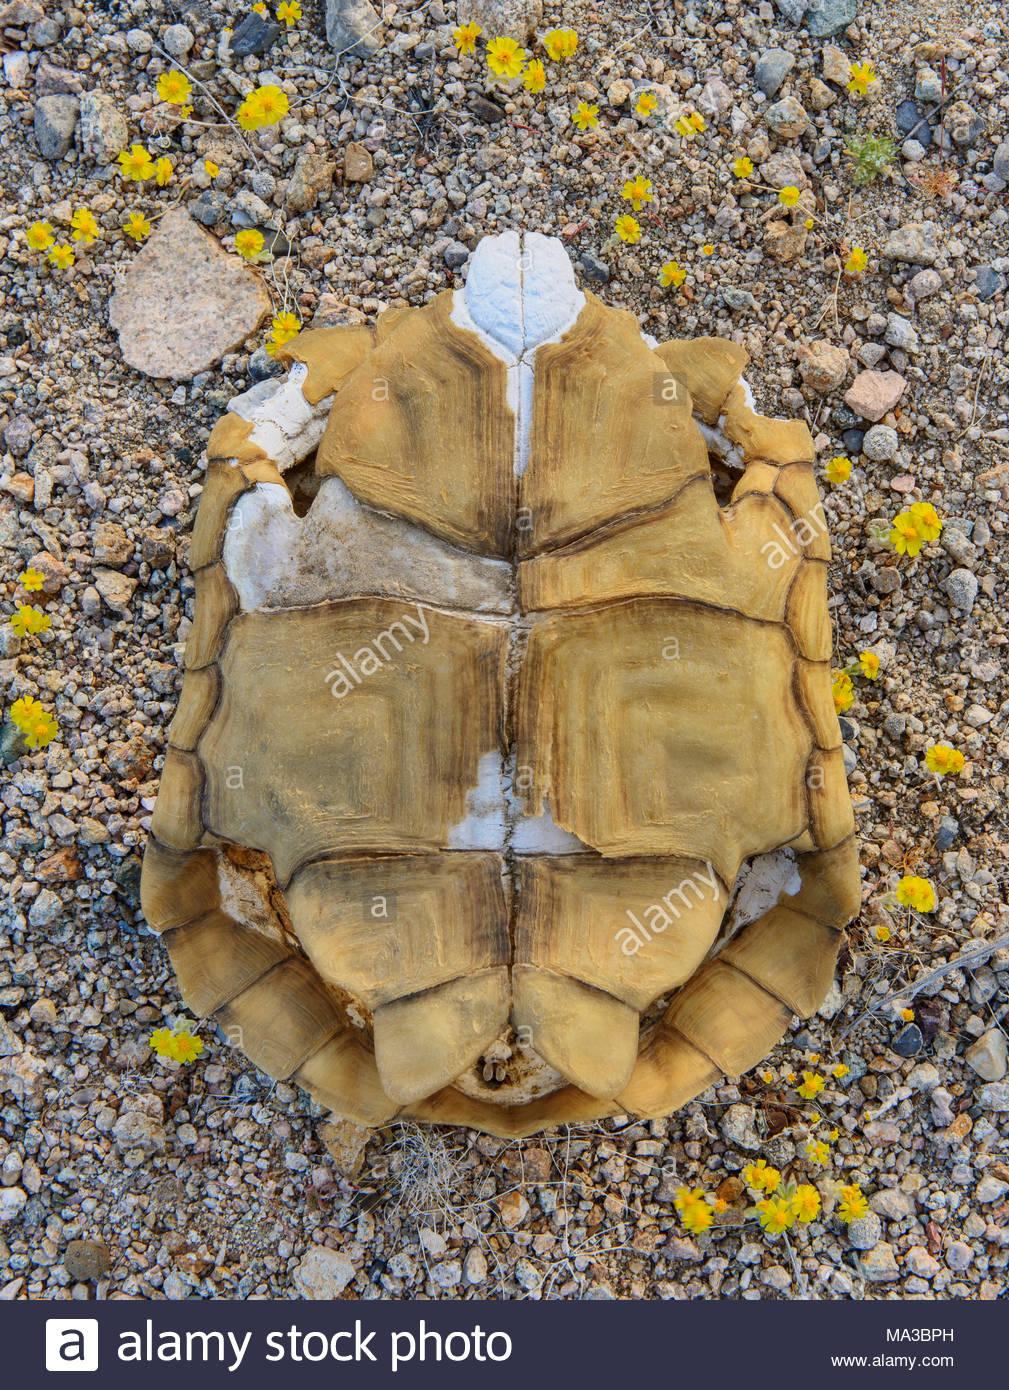 Wüste Schildpatt, Mojave National Preserve, Kalifornien Stockbild